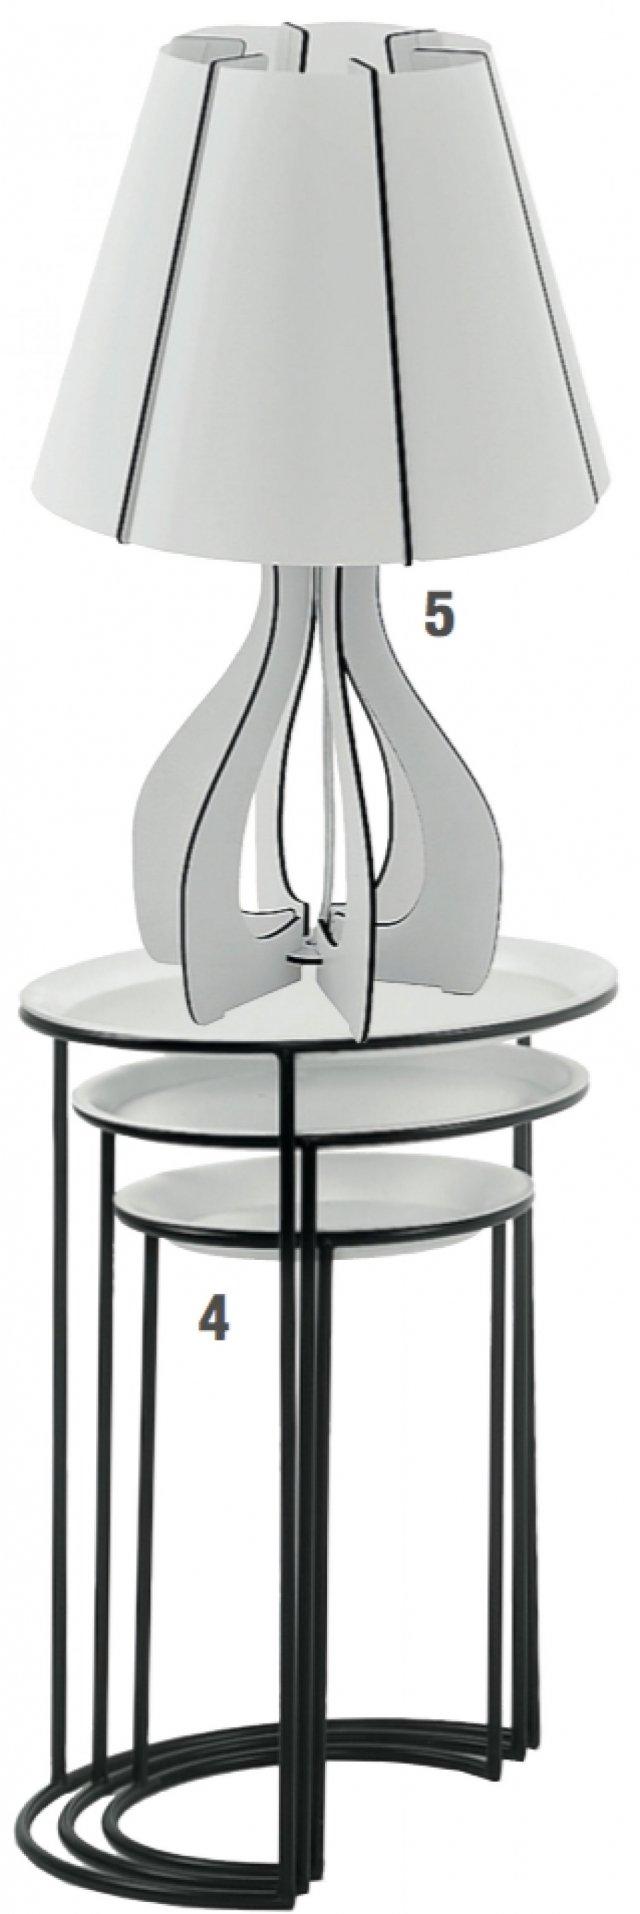 Con base in metallo nero e piatto bianco, che può diventare vassoio, i tavolini estraibili Nura di Livitalia (www.livitalia.it) misurano Ø 51/44/35 x H 66/59/50 cm). Prezzo del set da tre 135,45 euro. 5. La Base in legno e paralume in plastica per la lampada di Mazzolaluce misura L 22,5 x H 45 cm. Prezzo 42,50 euro. www.mazzolaluce.com